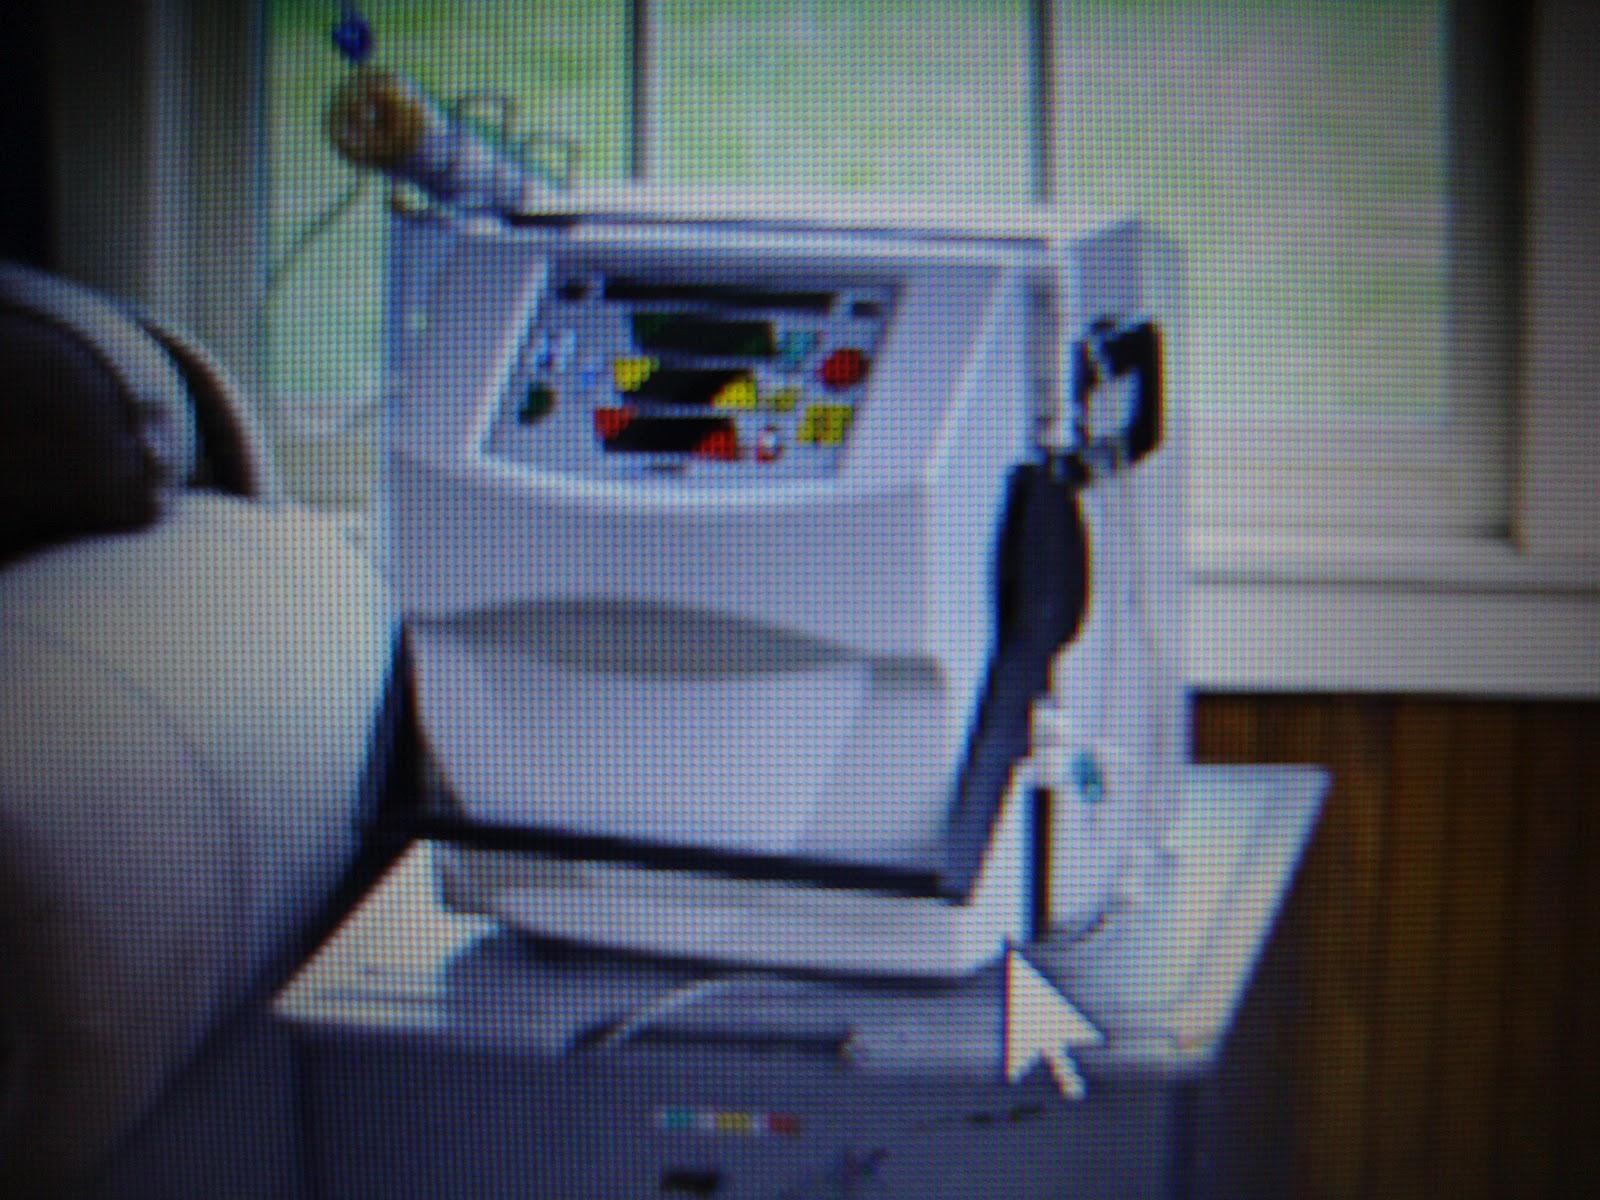 Dialysis Machine Portable Kidney Dialysis Machine